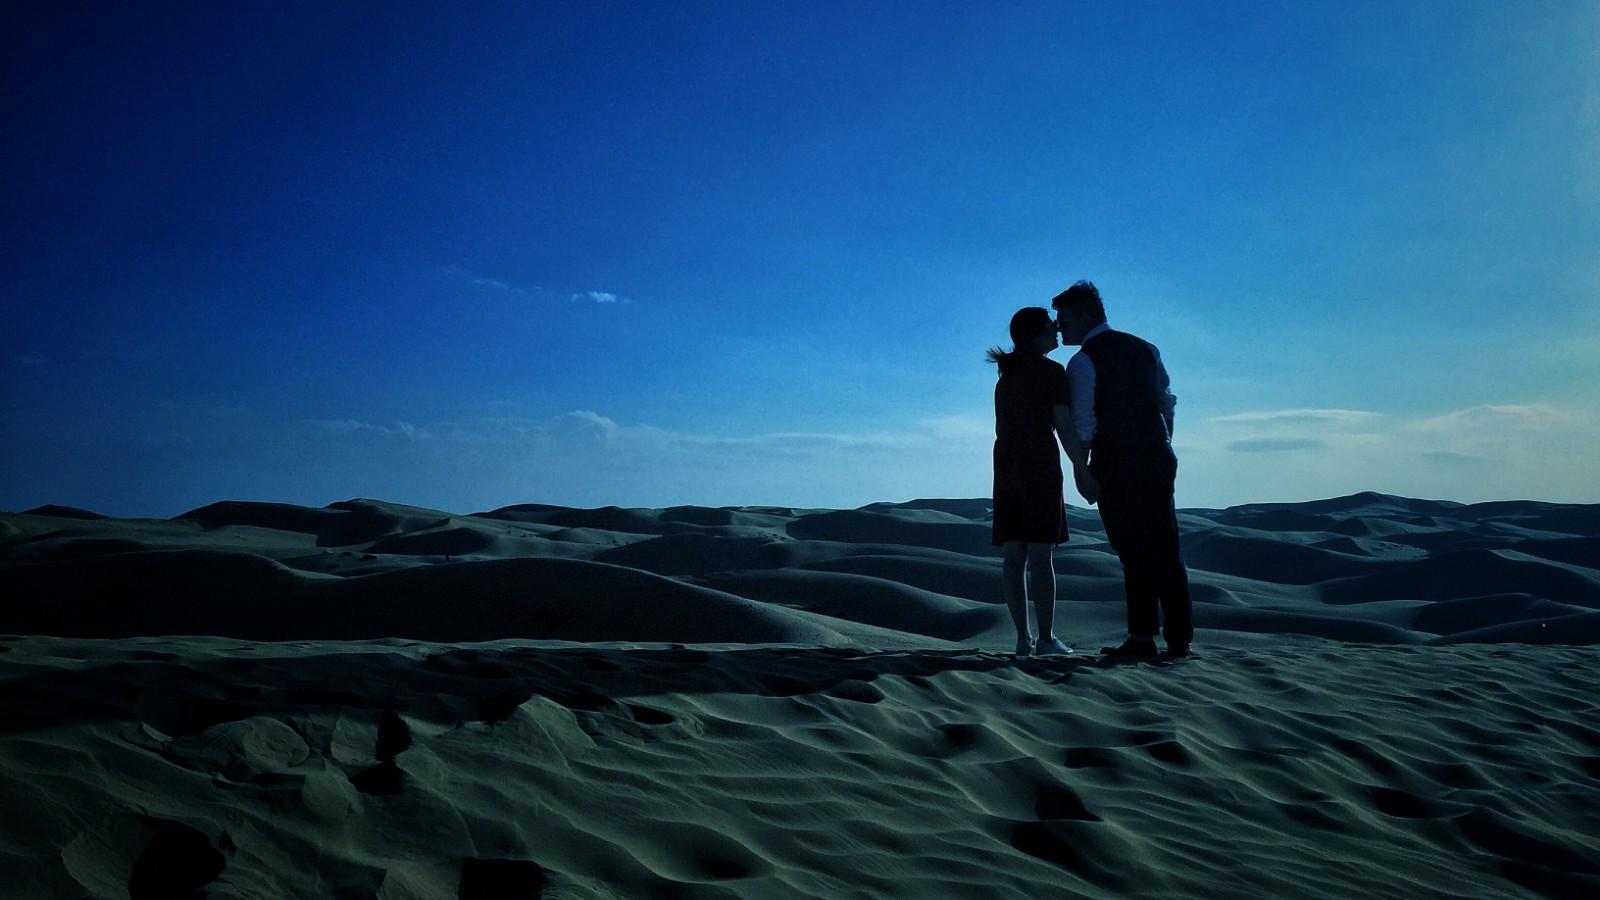 二十一年婚姻是什么婚